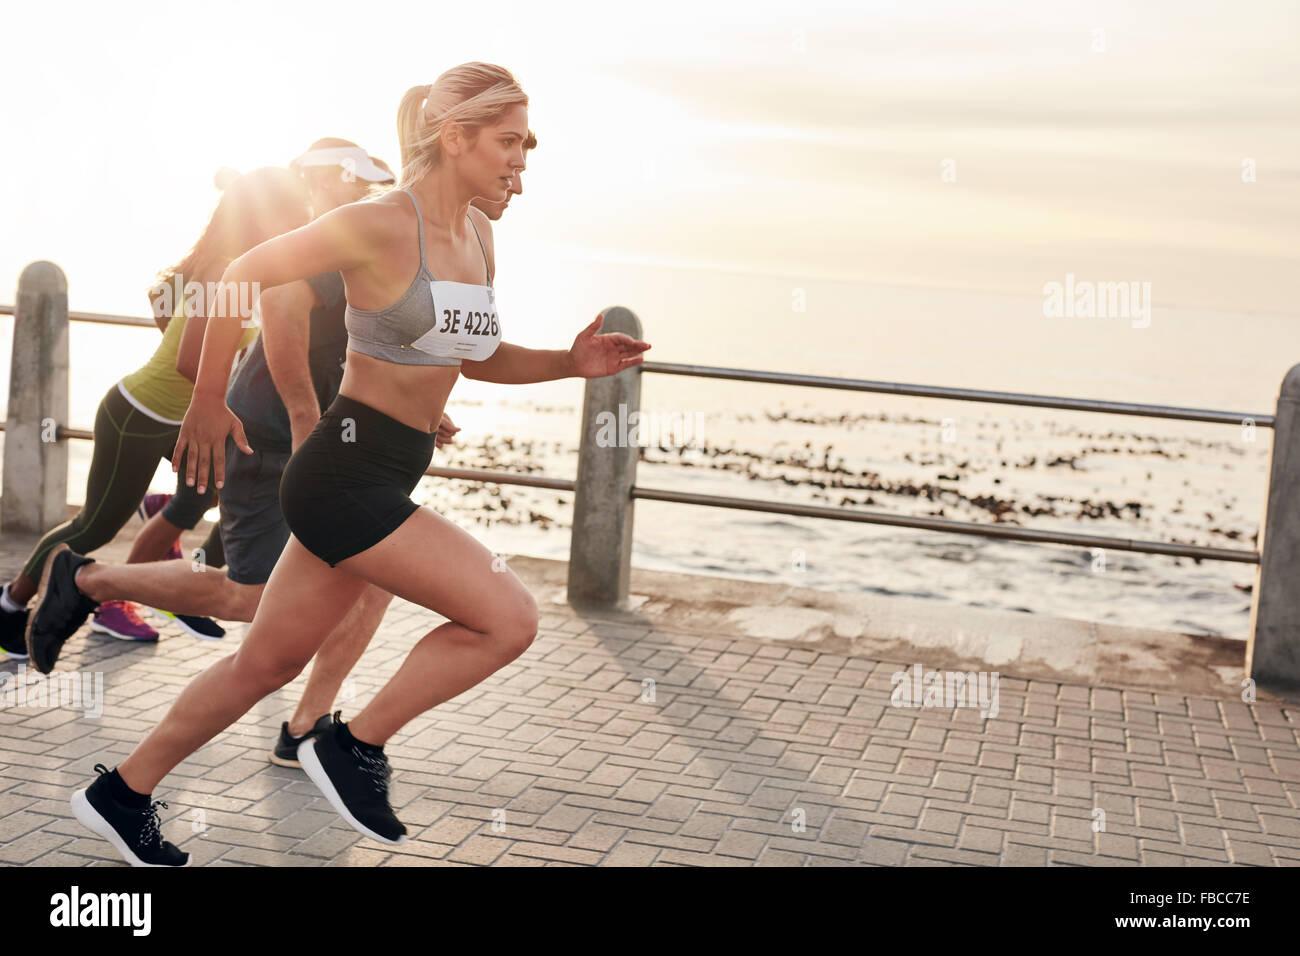 Porträt des jungen Menschen direkt an Strandpromenade laufen. Gruppe von Frauen Marathon zu laufen. Stockbild